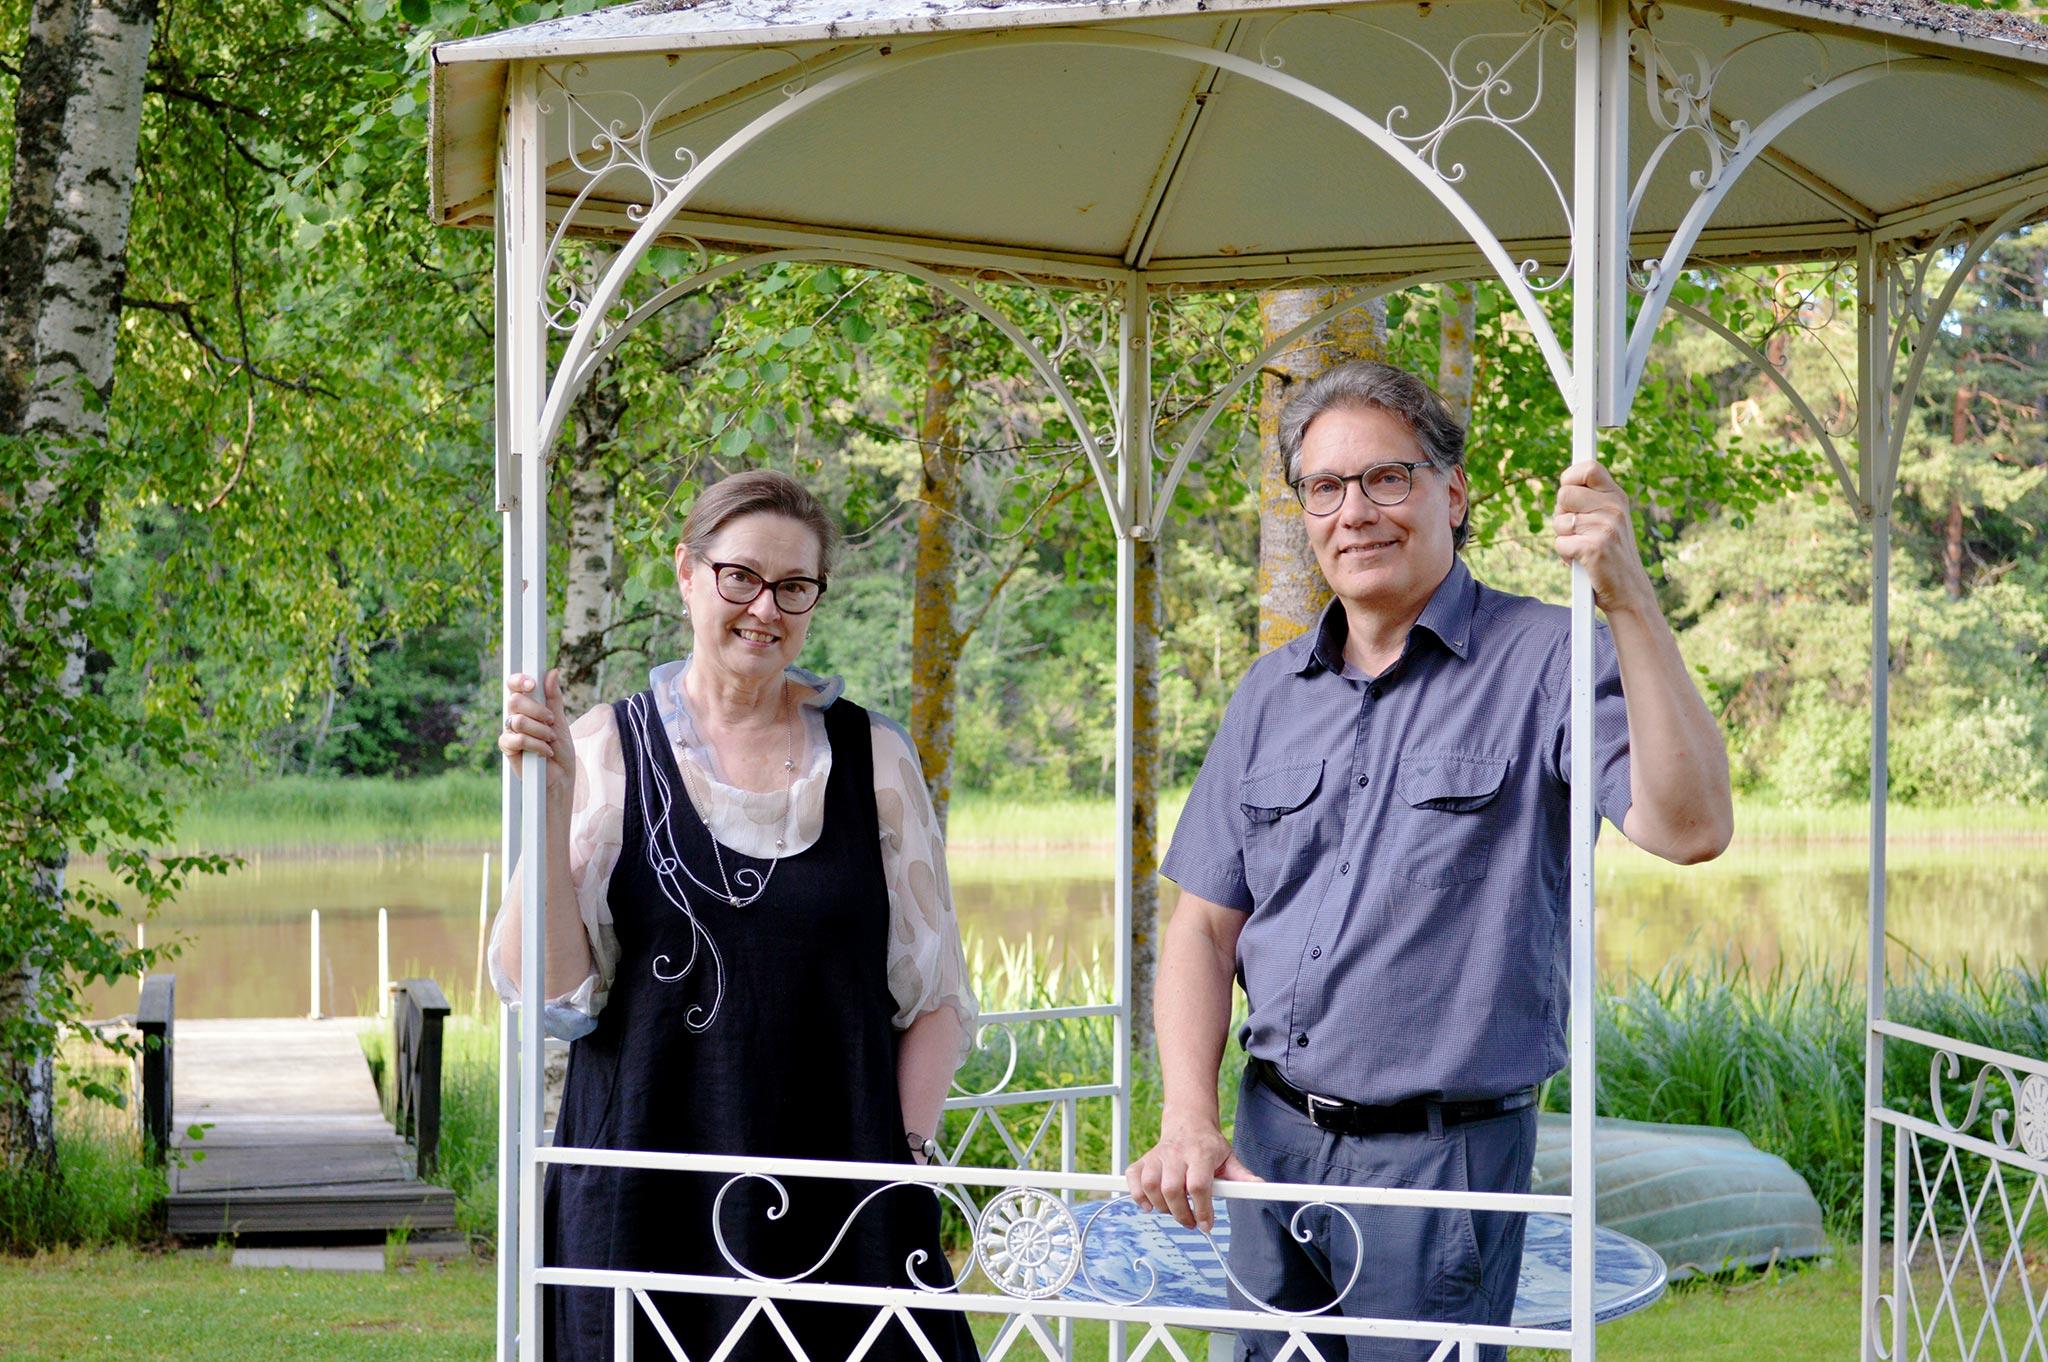 Raino Hurme ja Soili Suominen-Hurme ostivat huonokuntoisen kartanon vuonna 2005. He kunnostivat kartanon, joka toimii nykyisin niin heidän kotinaan kuin majoitus- ja juhlakäytössä.